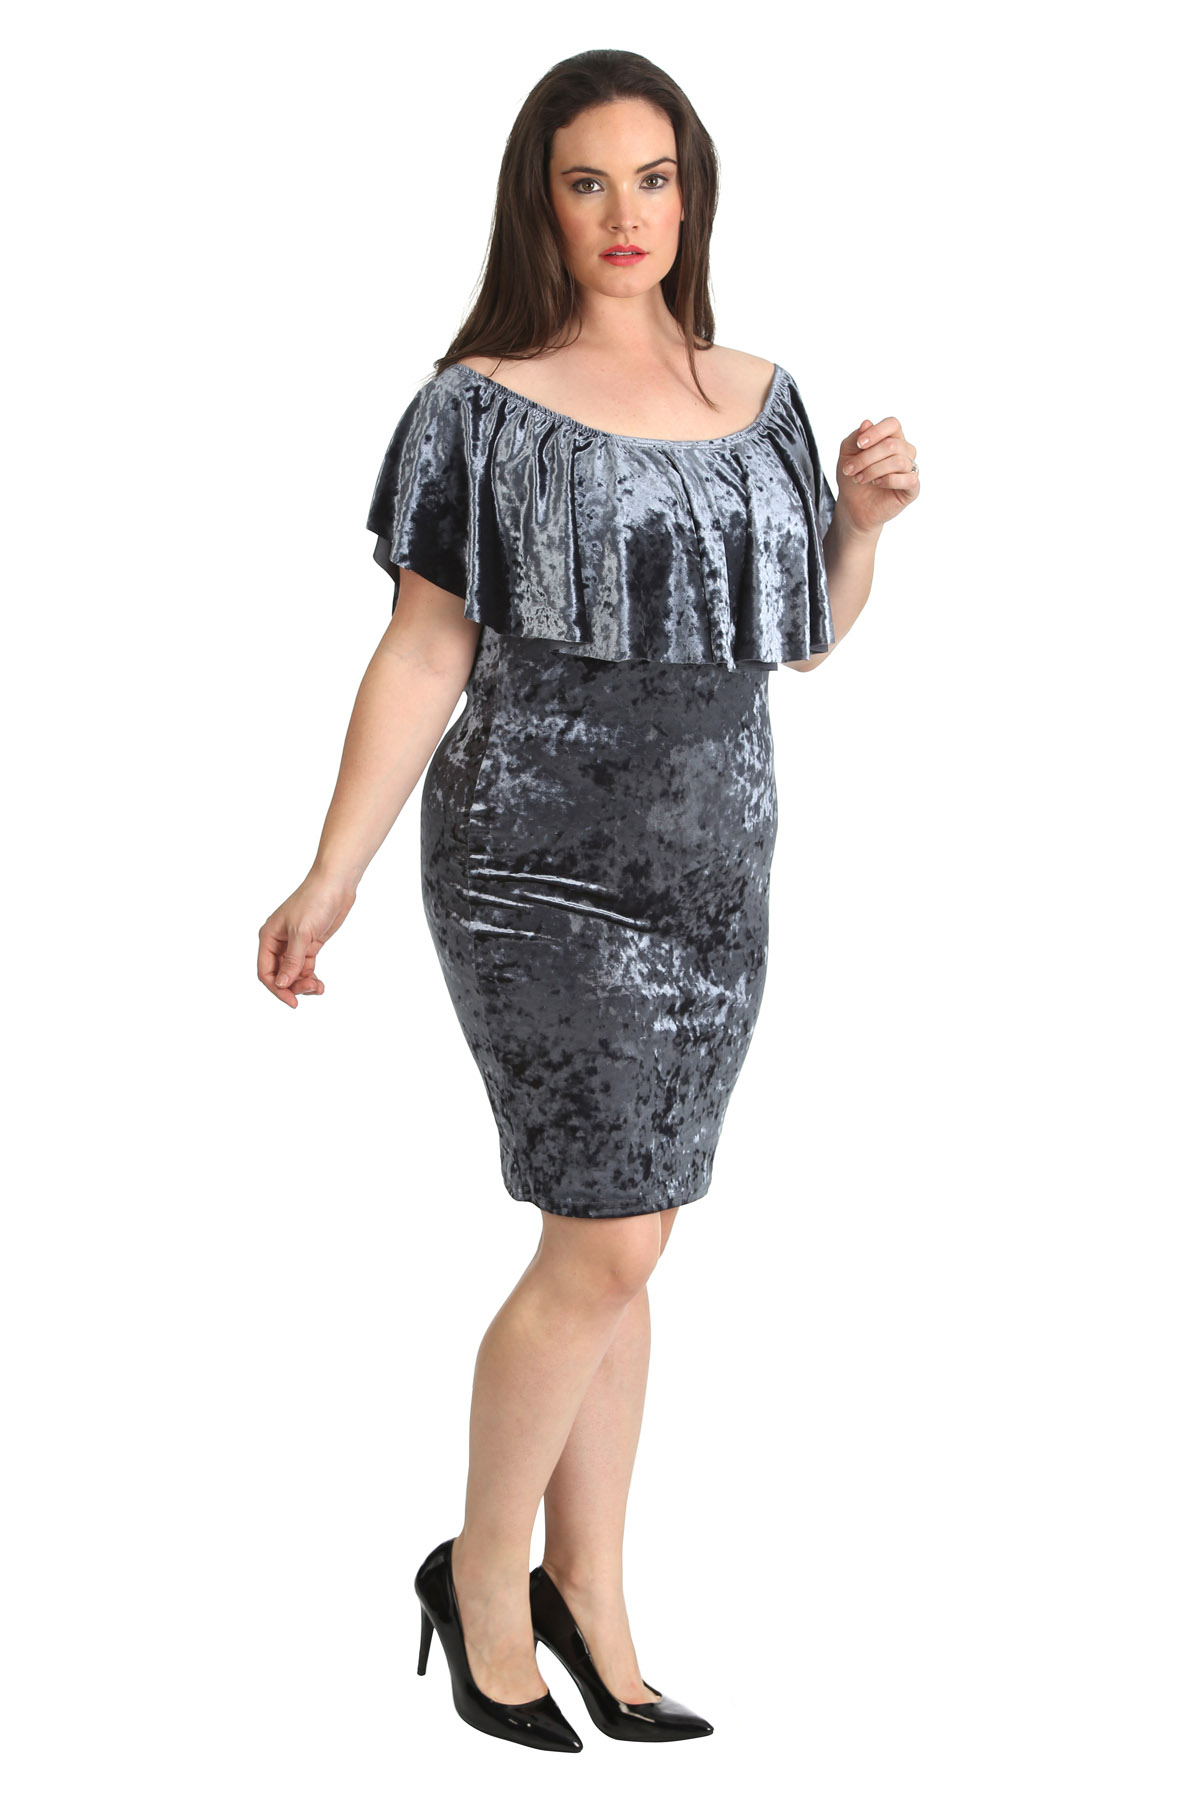 Details about New Ladies Velvet Dress Womens Bodycon Frill Top Pencil Plus  Size Nouvelle